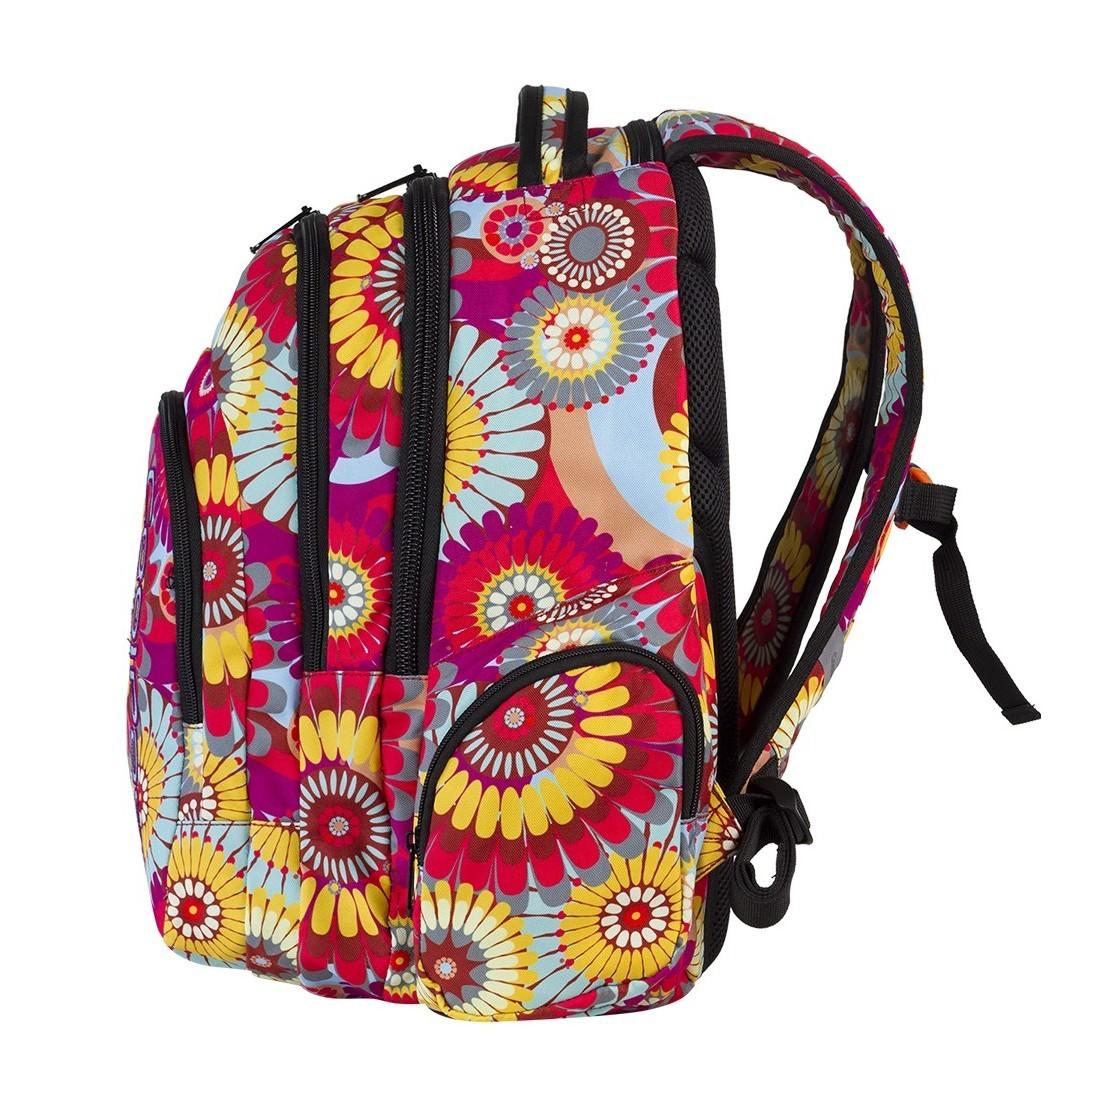 Plecak młodzieżowy CoolPack SPARK 3 przegrody HIPPIE CP 573 - plecak-tornister.pl